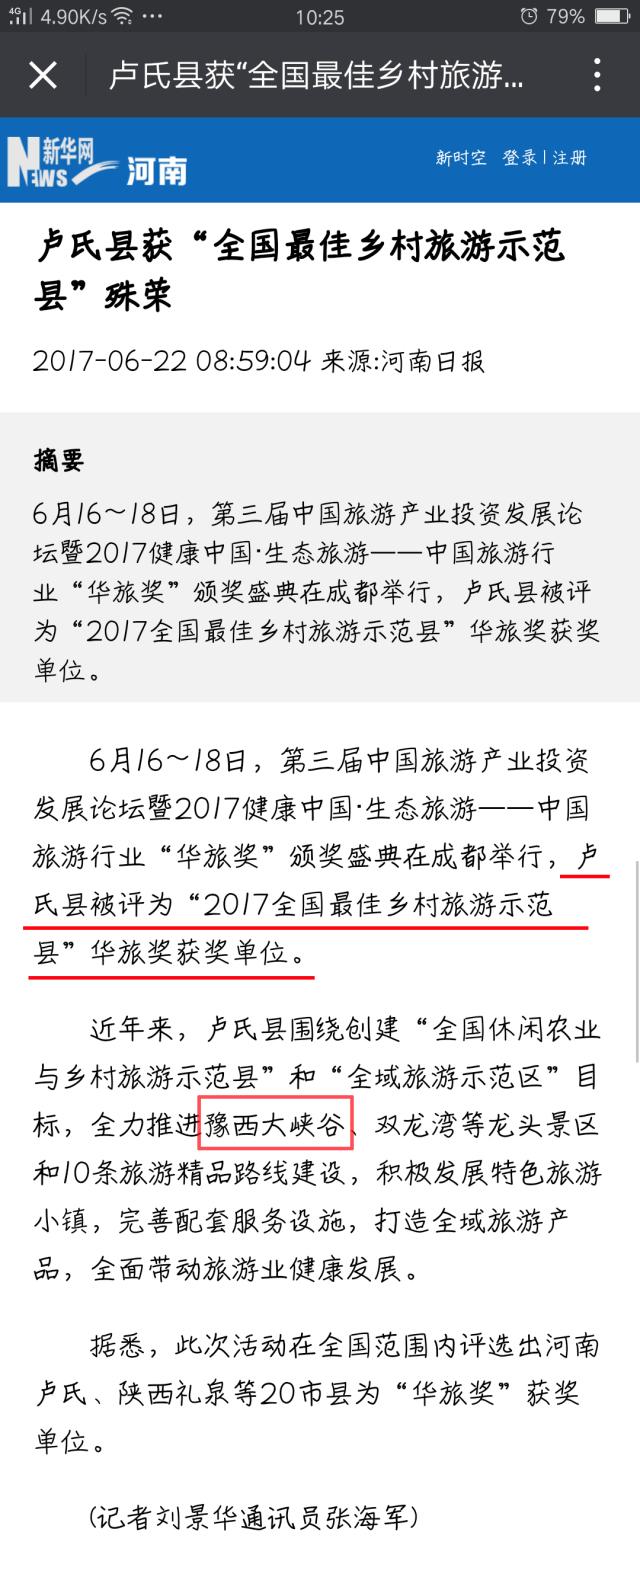 """重磅!大卢氏荣获""""全国最佳乡村旅游示范县"""""""